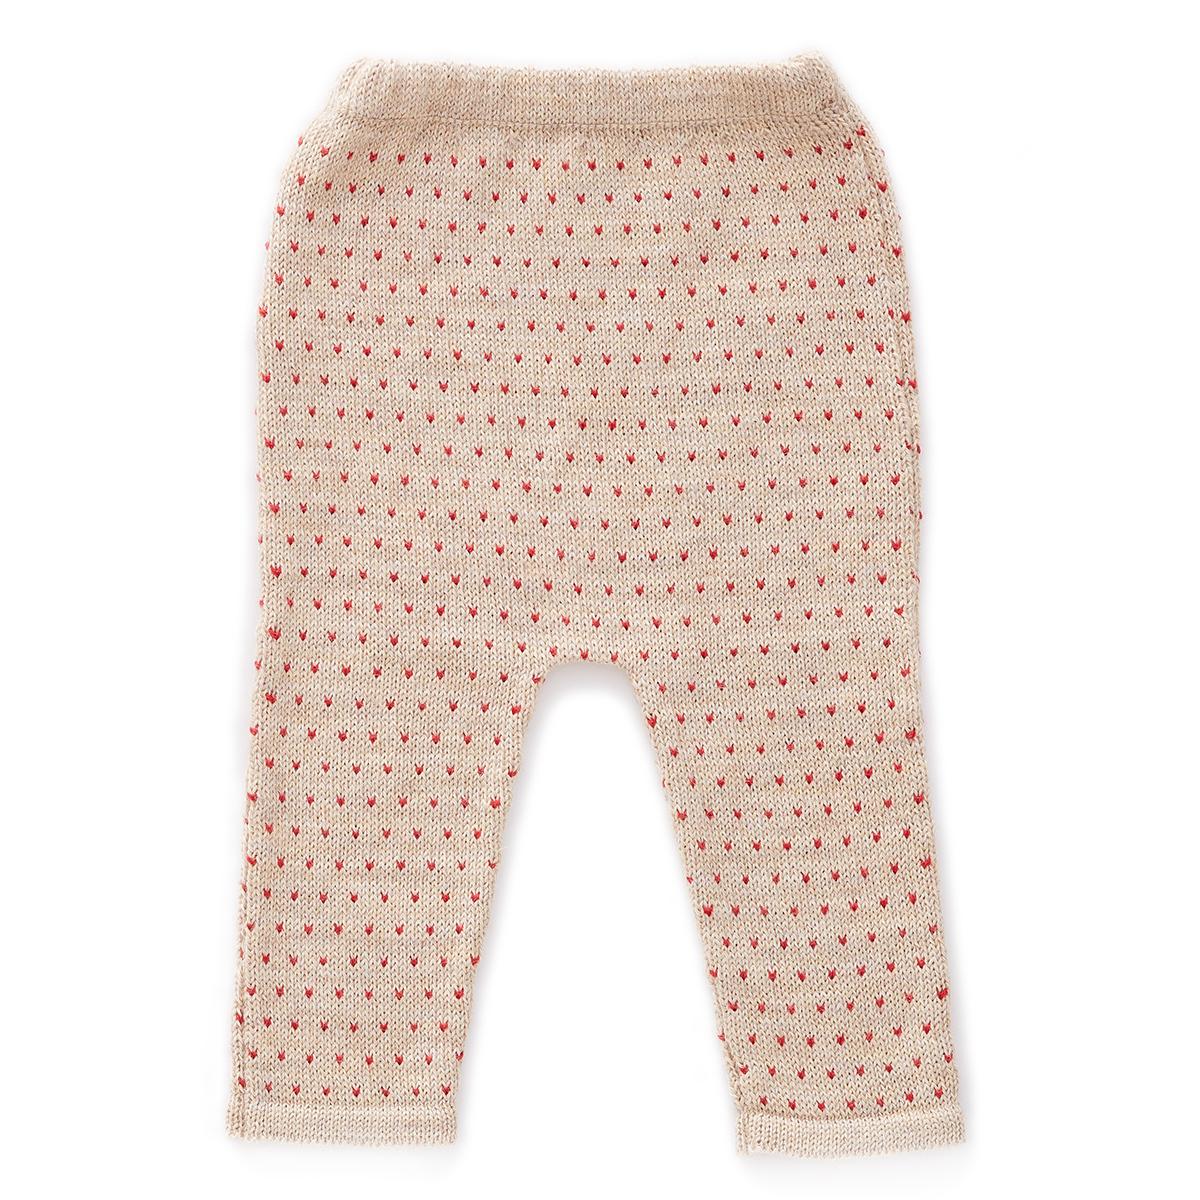 Bas Bébé Pantalon à Pois Rouges Beige - 2 Ans Pantalon à Pois Rouges Beige - 2 Ans